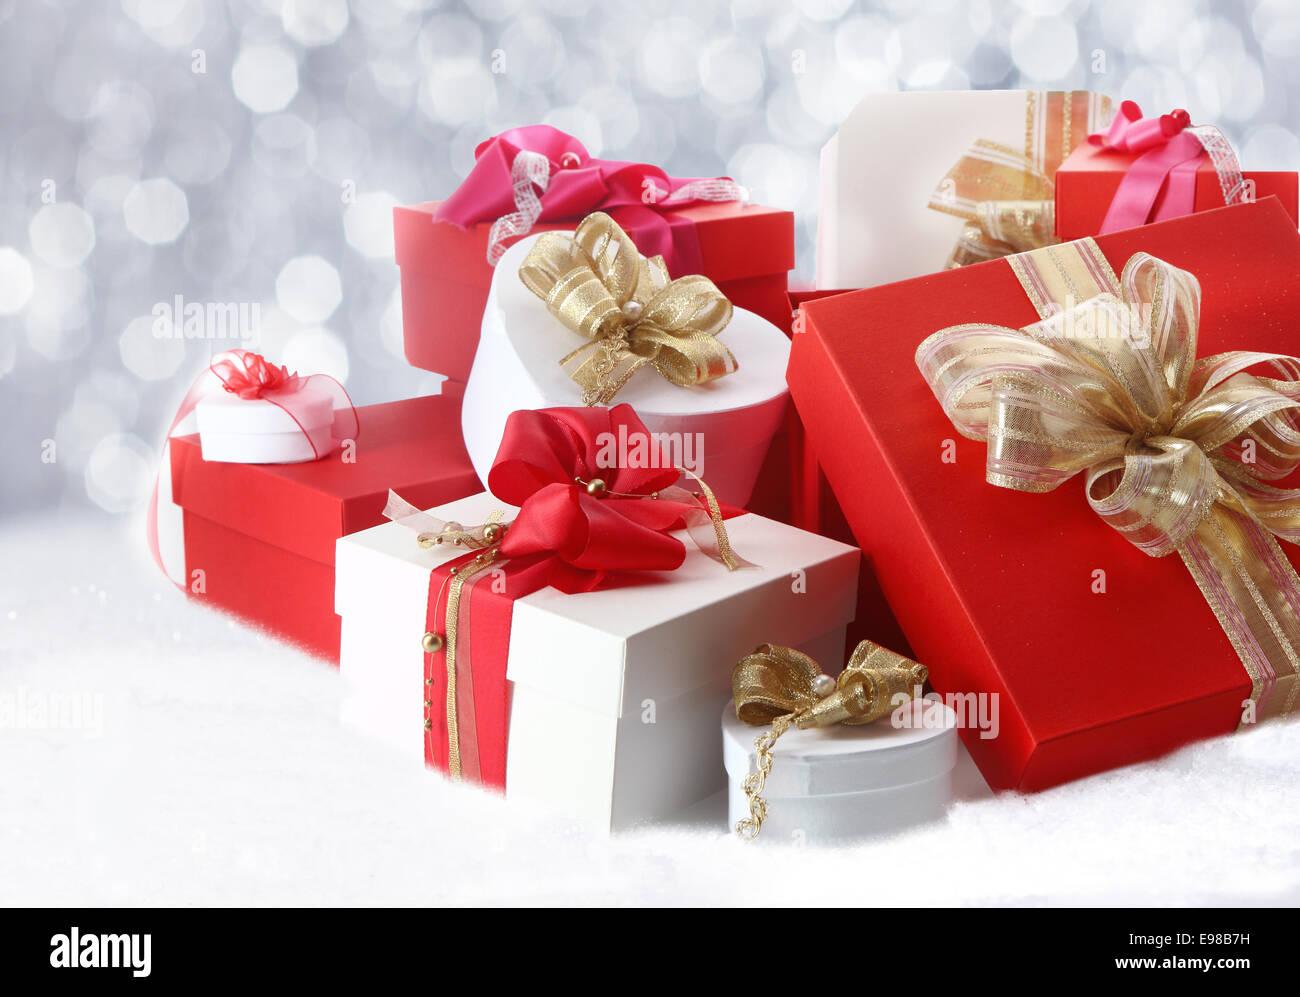 Scatole Per Regali Di Natale.Piuttosto I Regali Di Natale E Scatole Con Fiocchi Decorativi E Dei